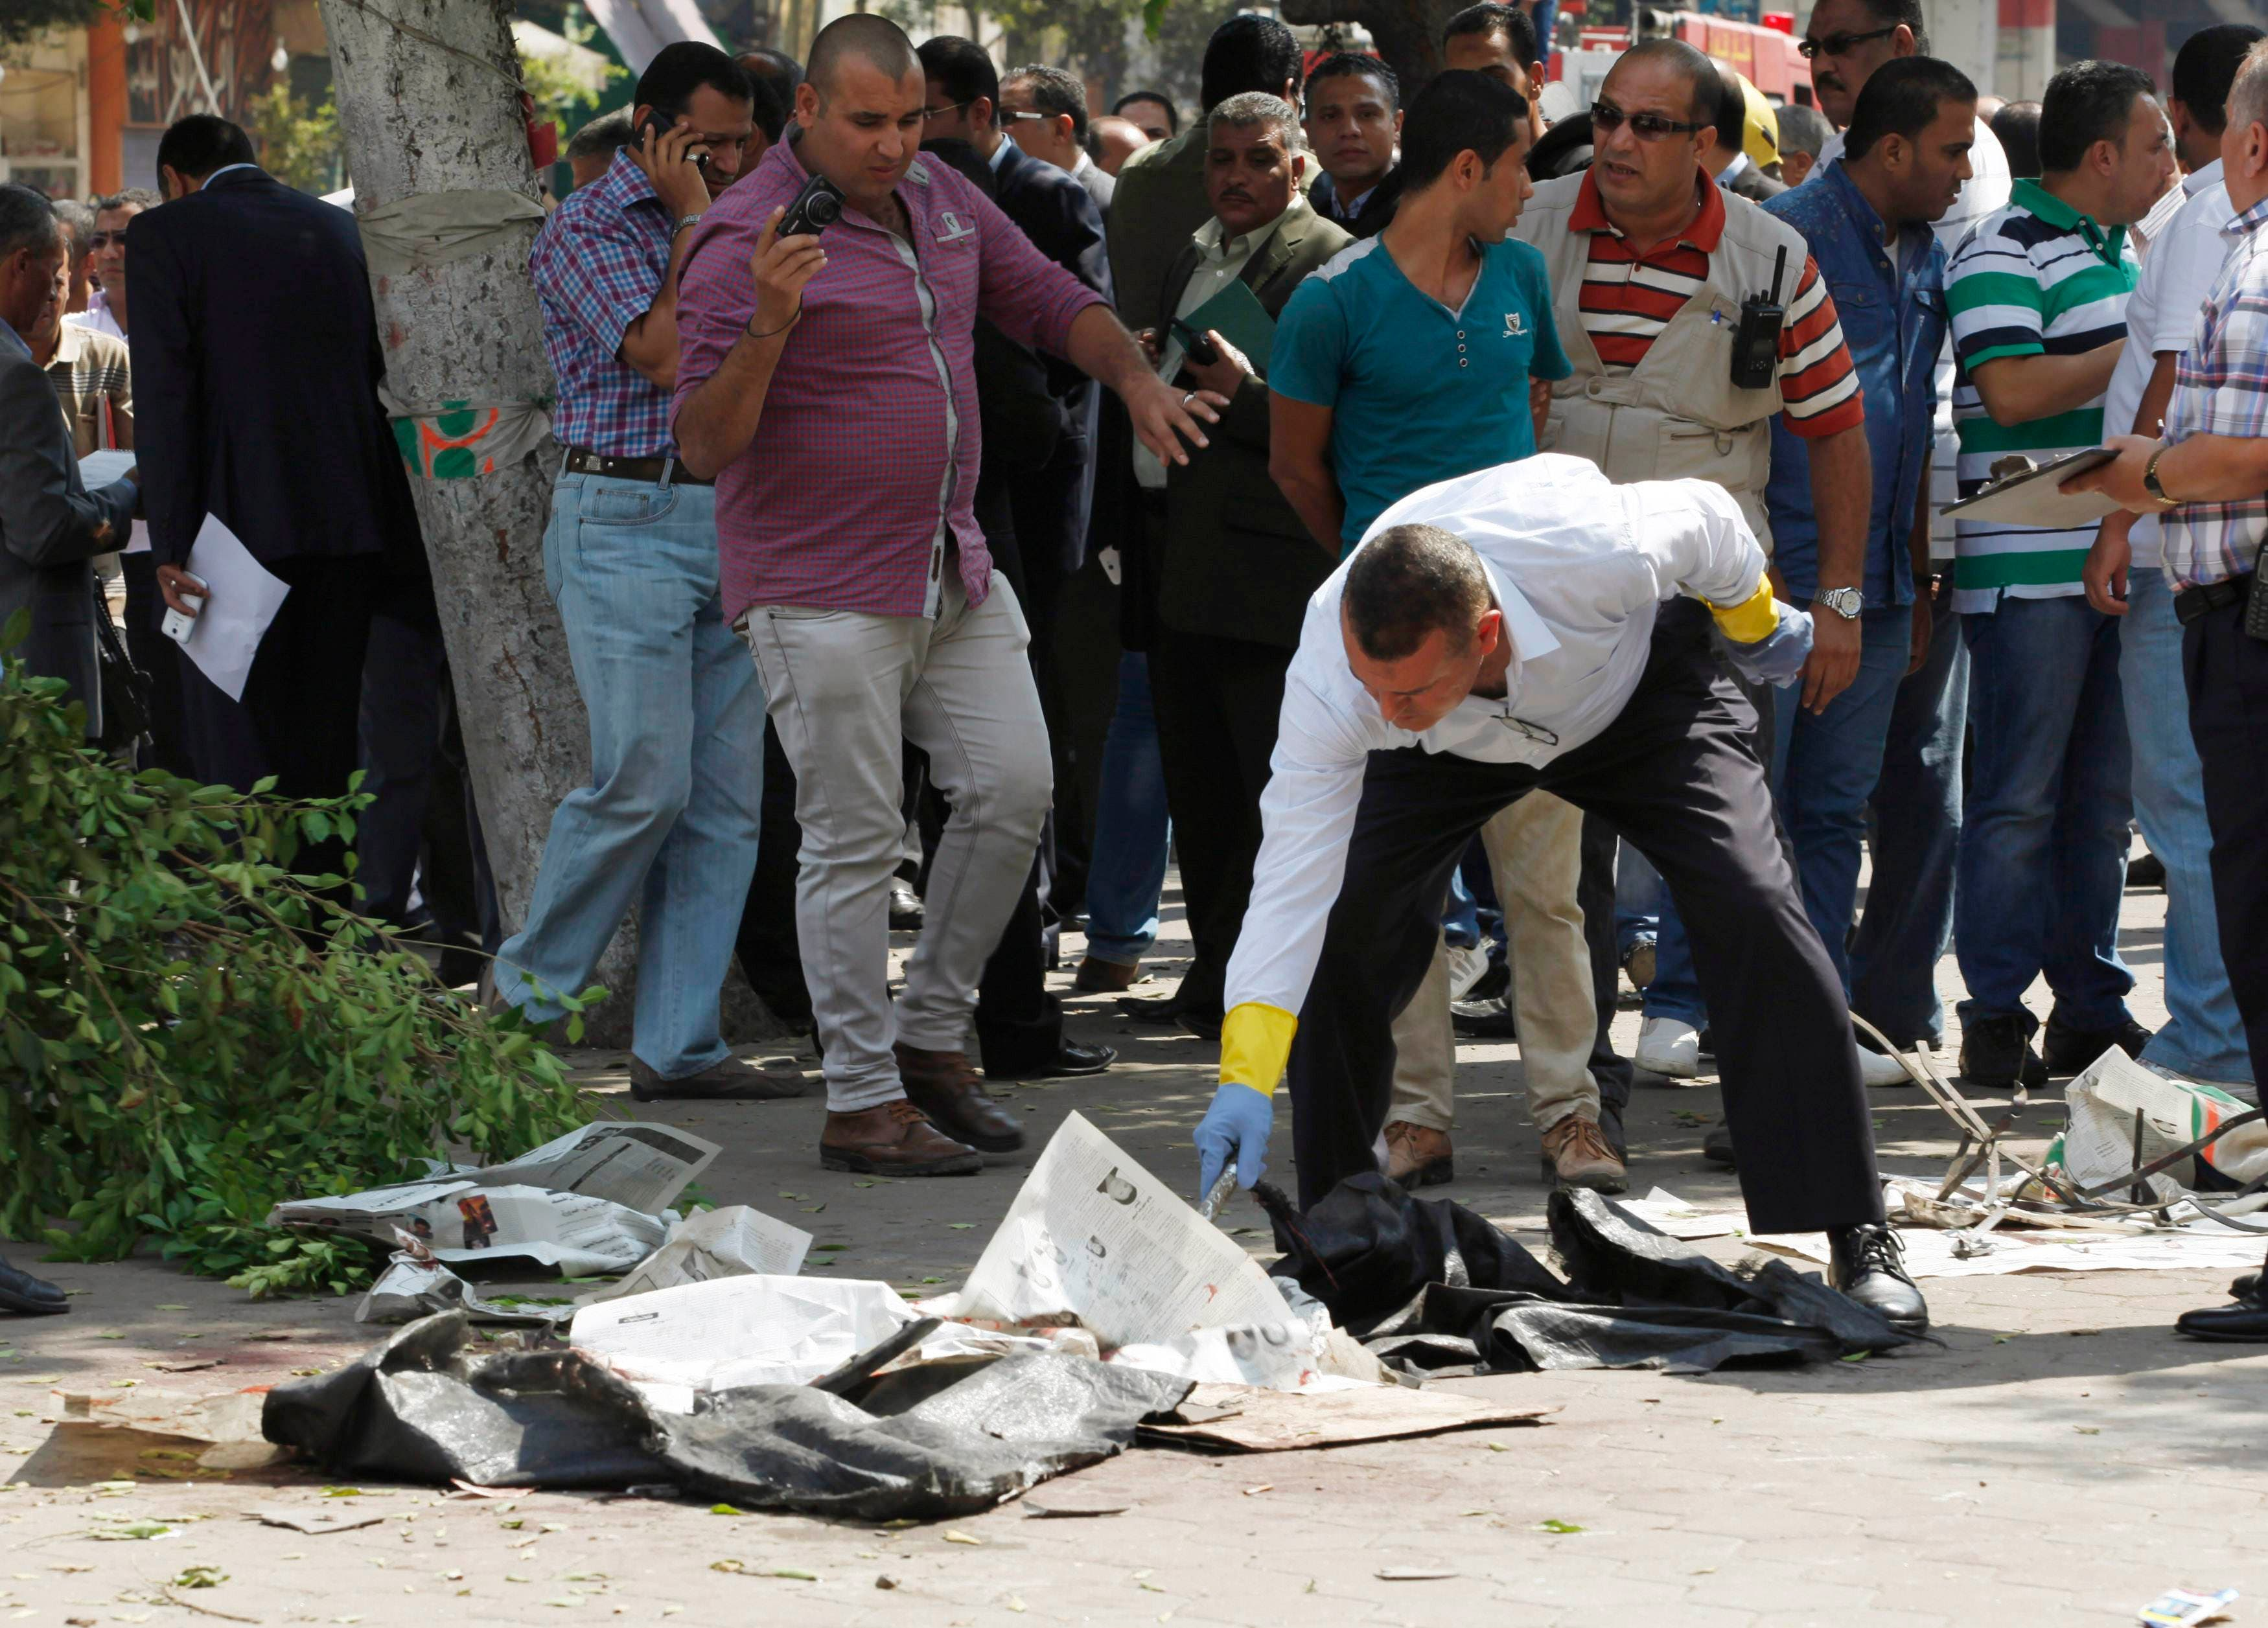 انفجار بالقرب من وزارة الخارجية في قلب القاهرة